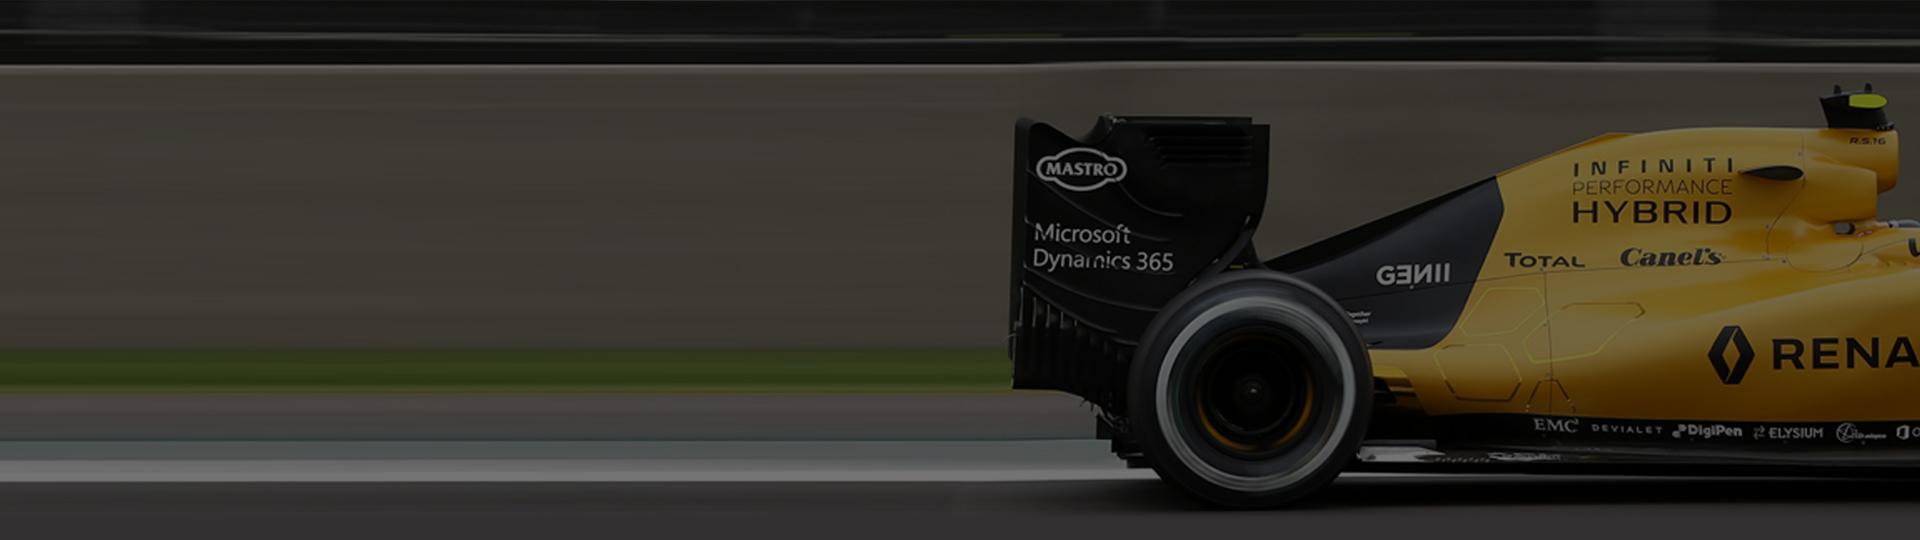 F1-talli hyötyy pilvipalvelujen nopeudesta ja ketteryydestä radalla ja sen ulkopuolella